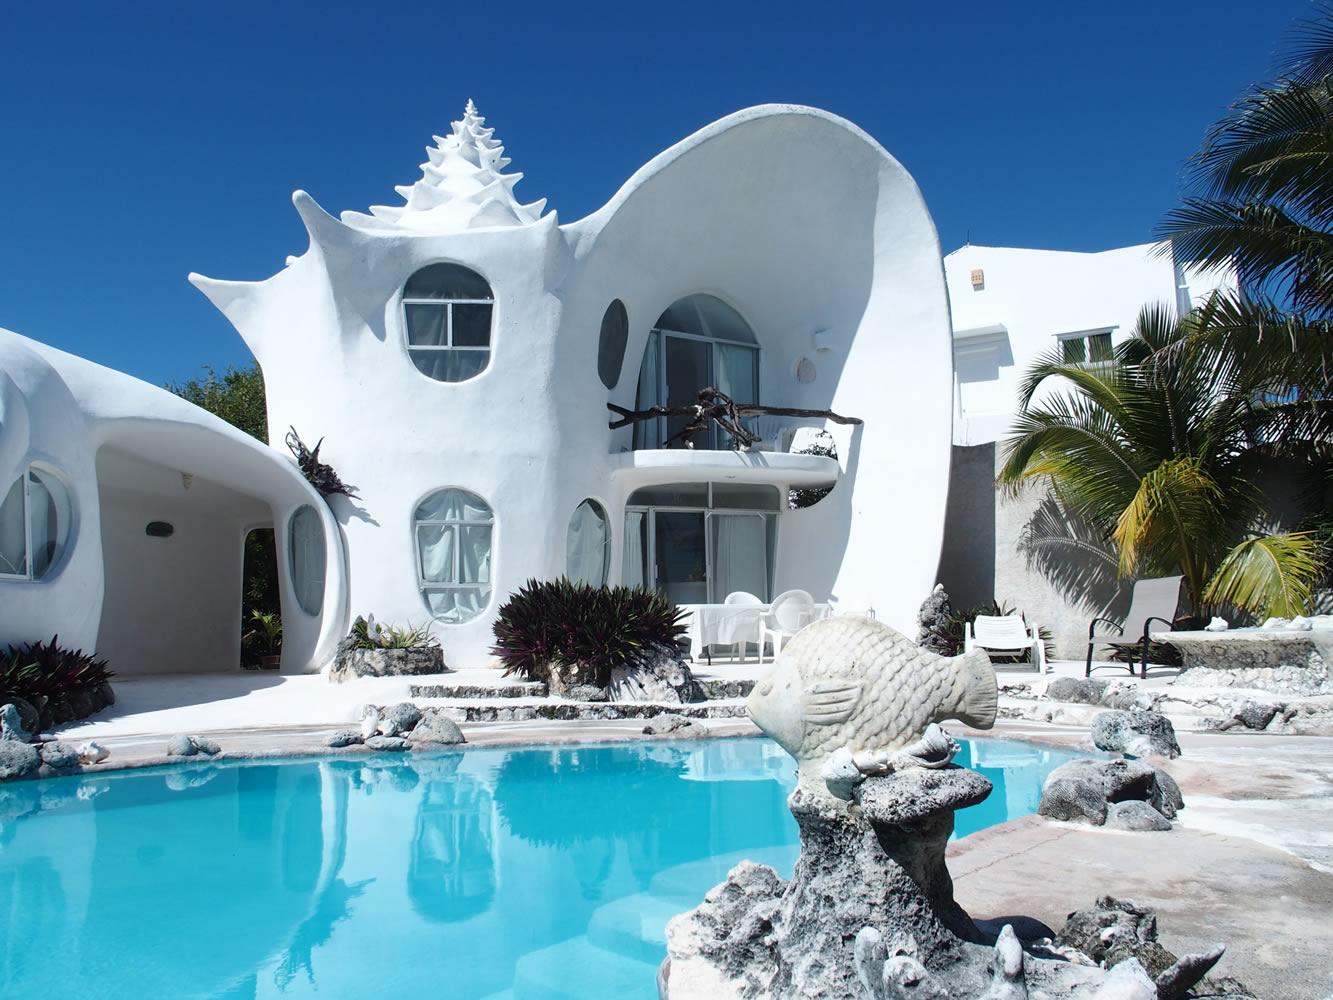 آیا تا بحال خانه حلزونی دیده اید ؟